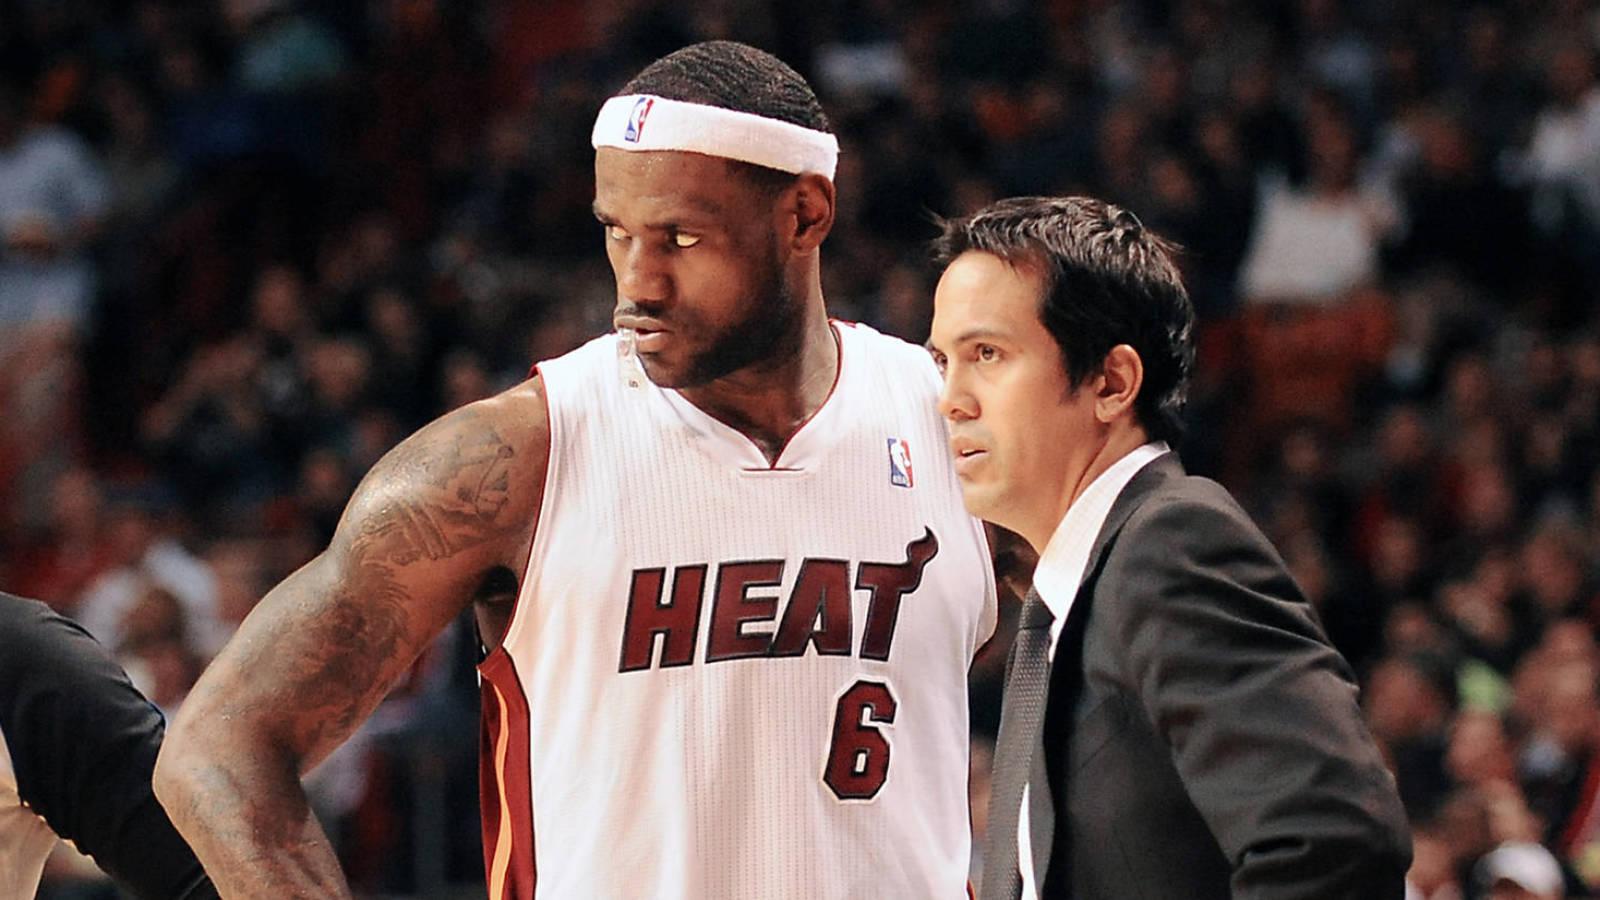 請尊重他!詹姆斯:總說斯波是靠韋德、Bosh和我才能贏,其實他是個很有能力的教練!-籃球圈